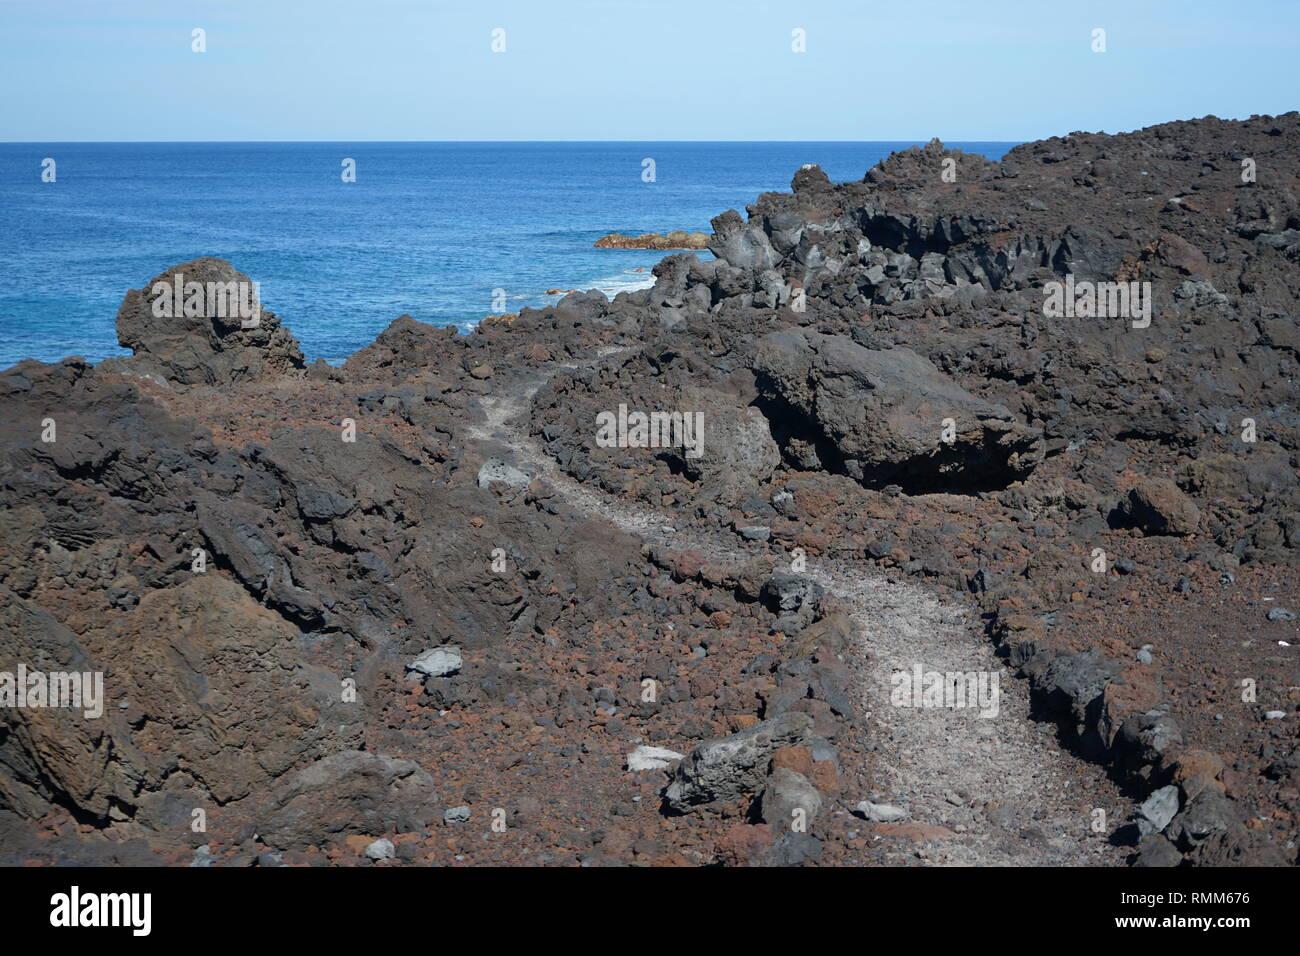 Lanzarote, Kanarische Inseln, Spanien Stockbild